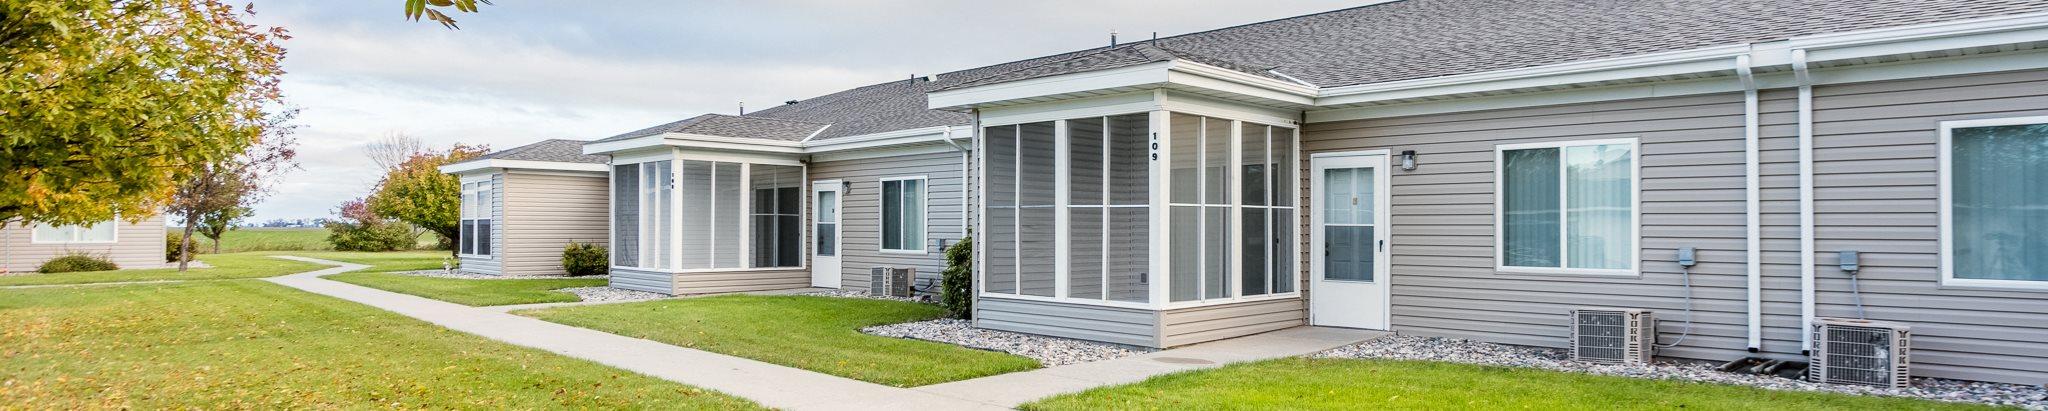 SummerField Fertile Cottage Apartments